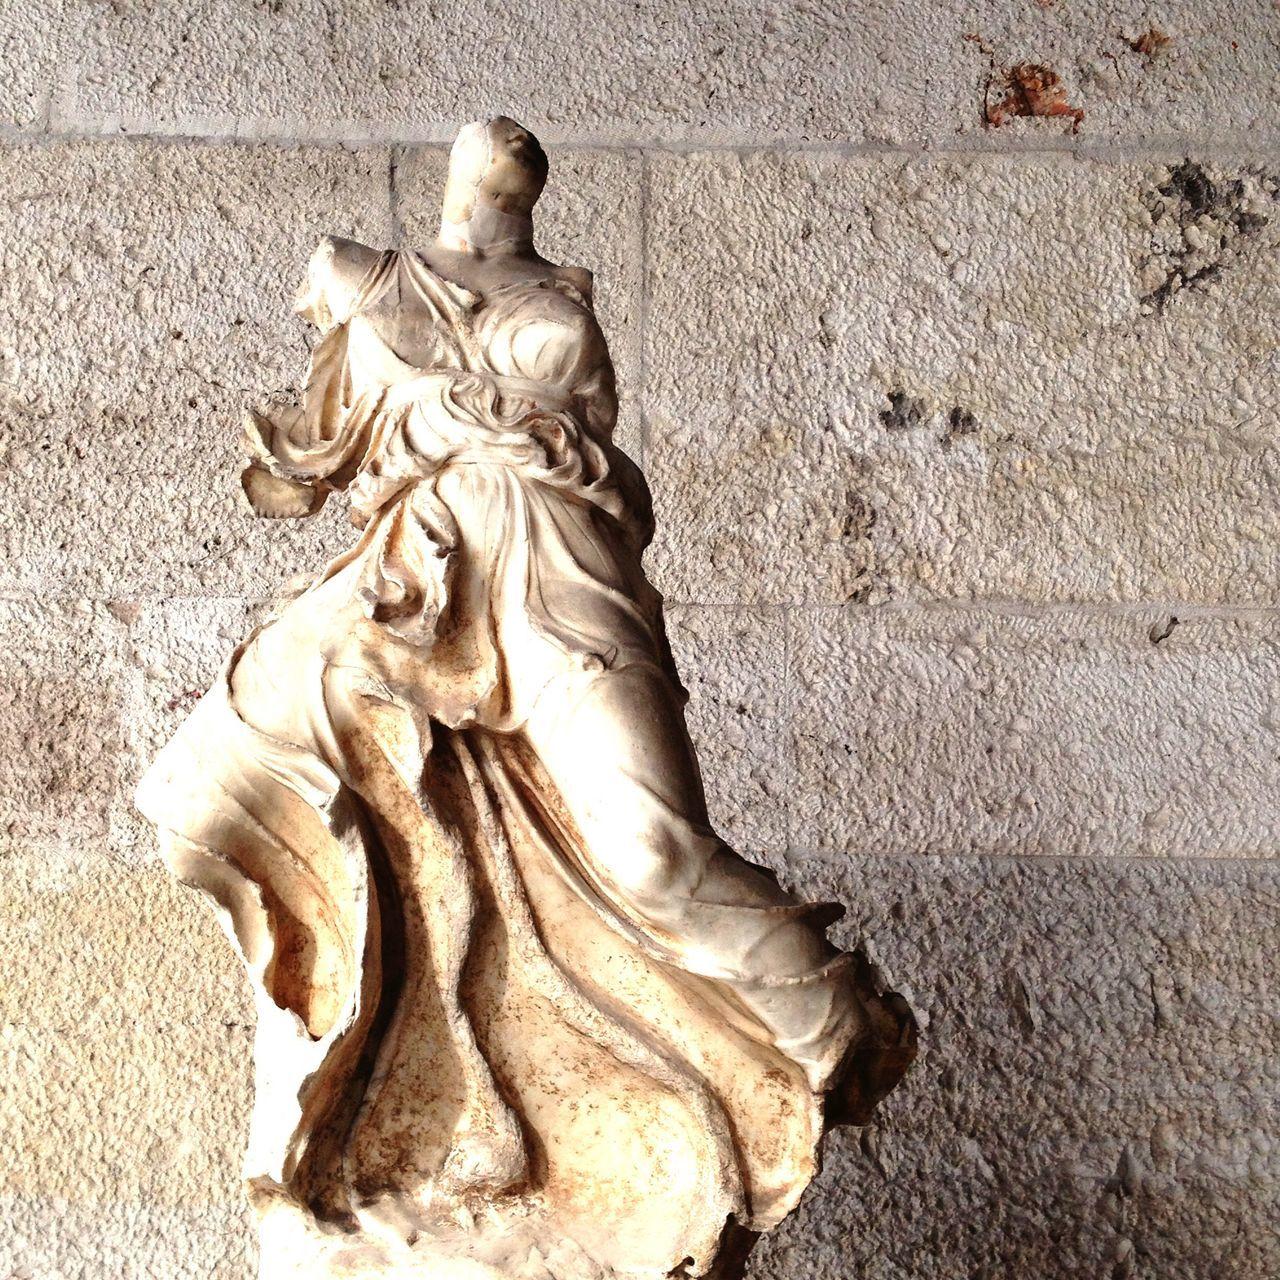 Acient Sculture Sculpture Acient Beauty Roman Agora